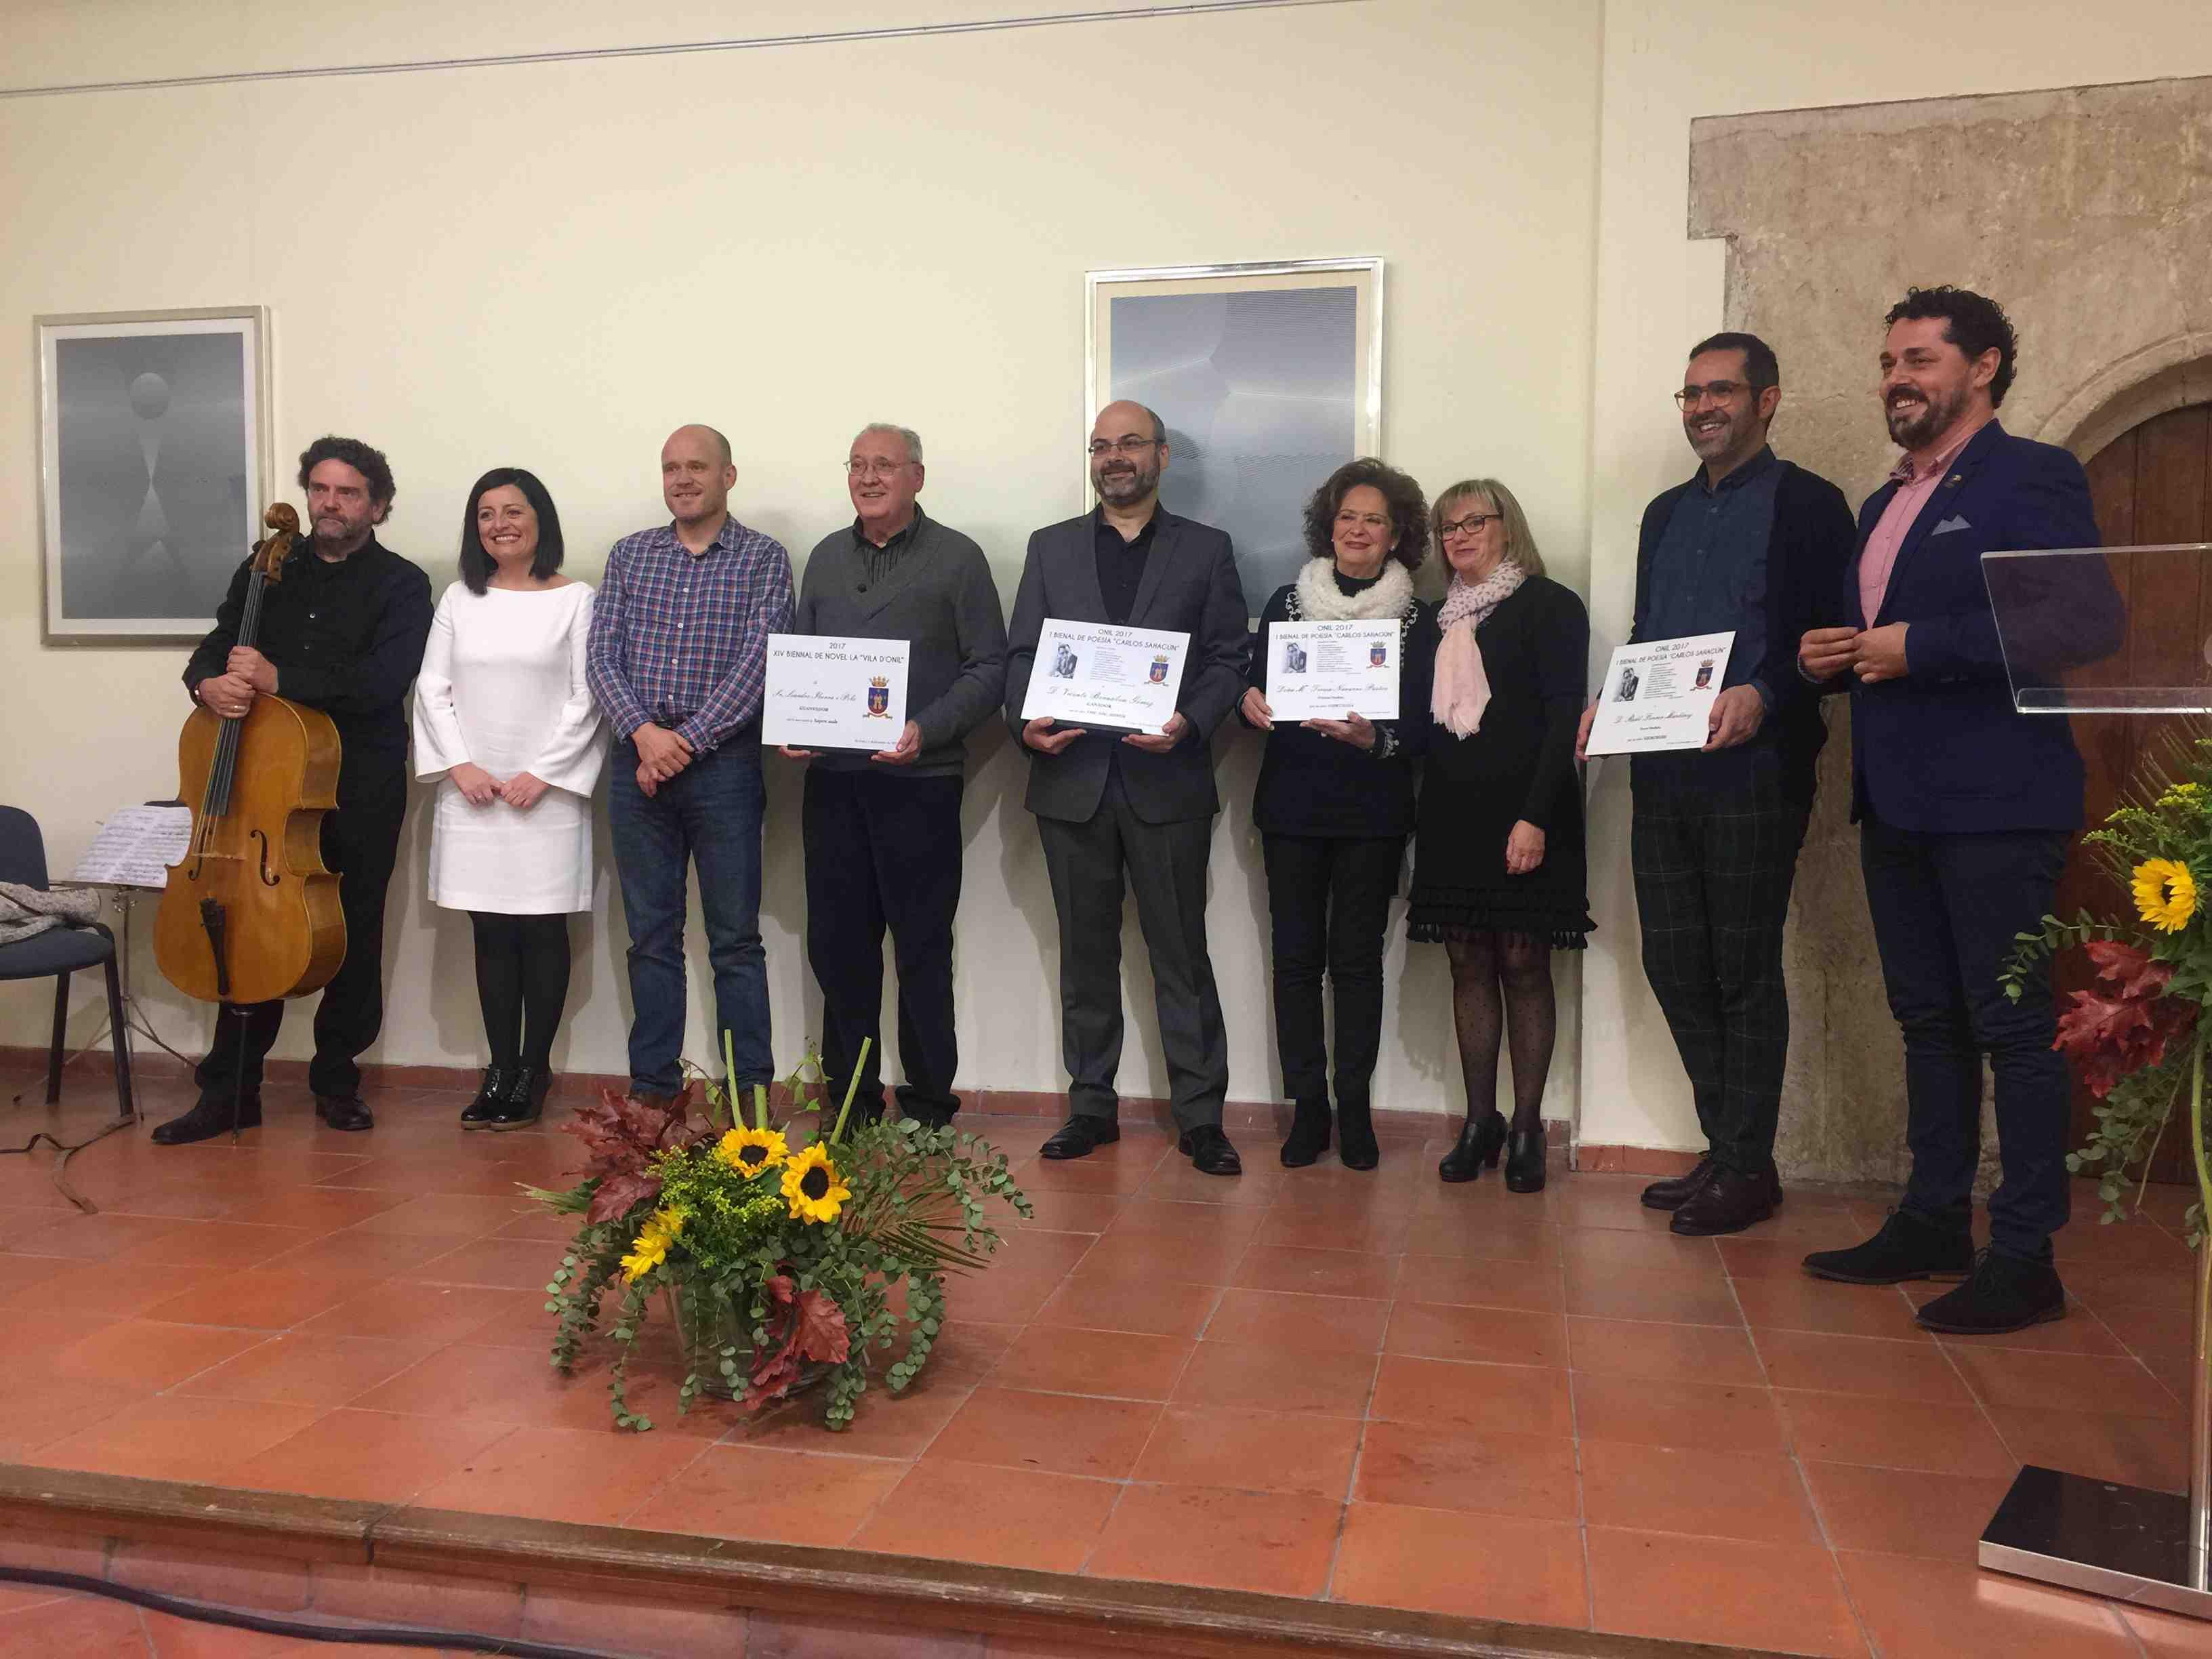 Emotiu acte d'entrega dels premis de les biennals de poesia i novel.la d'Onil